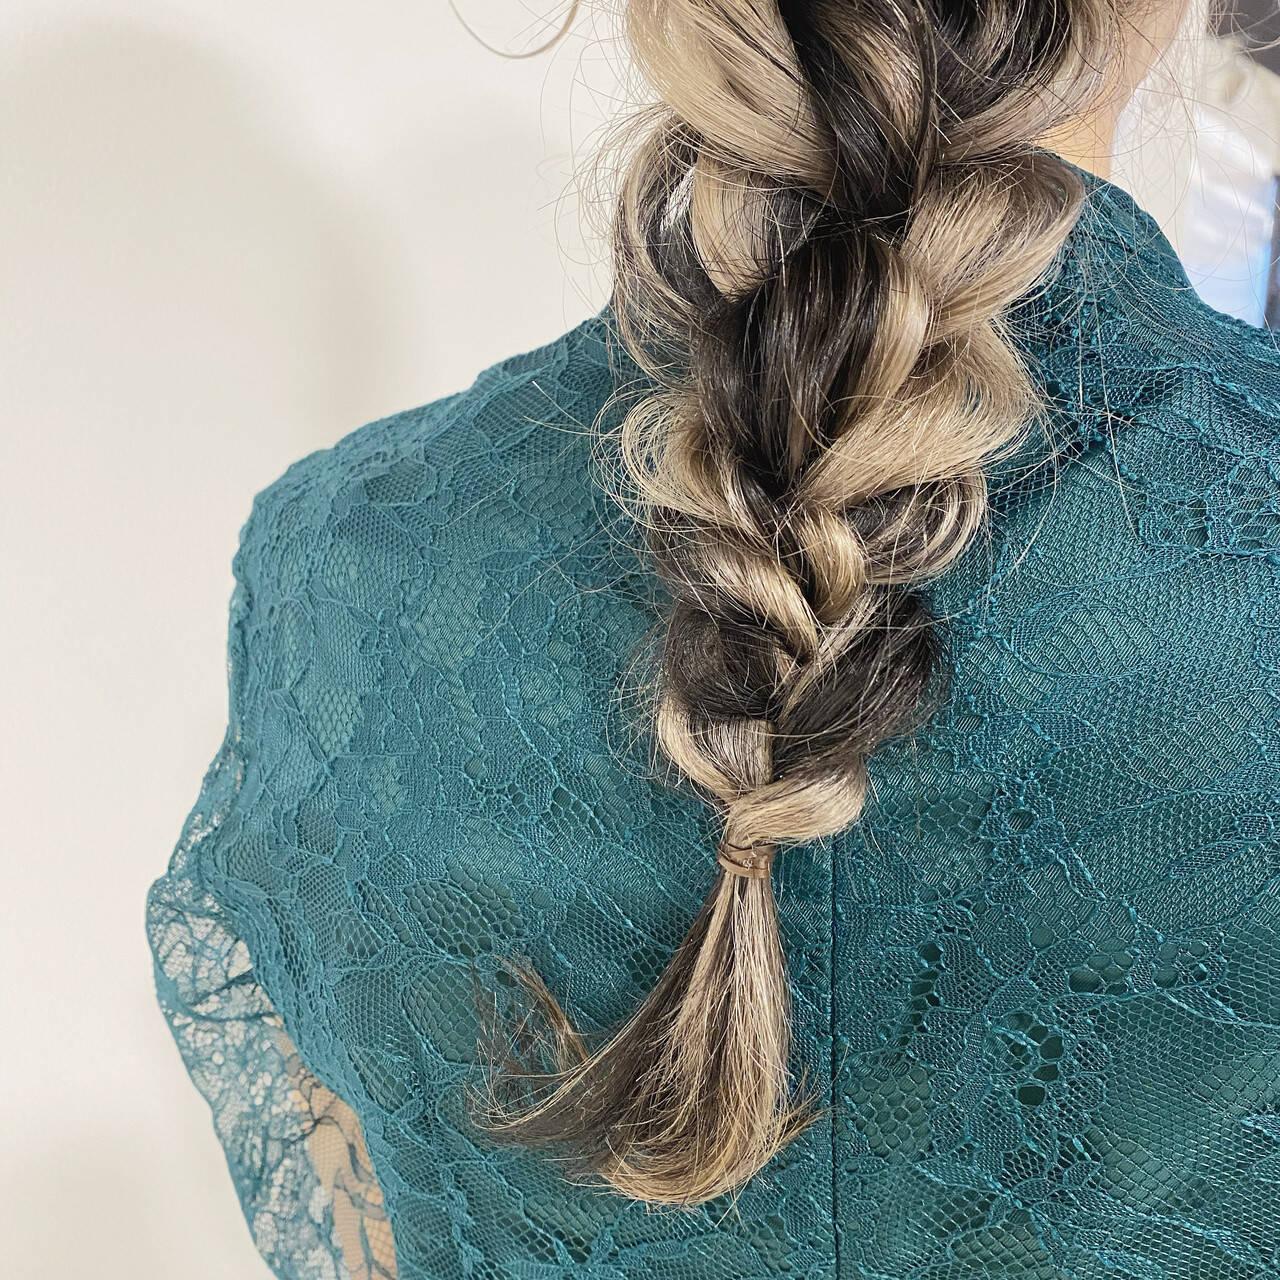 ナチュラル みつあみアレンジ インナーカラーシルバー ロングヘアスタイルや髪型の写真・画像